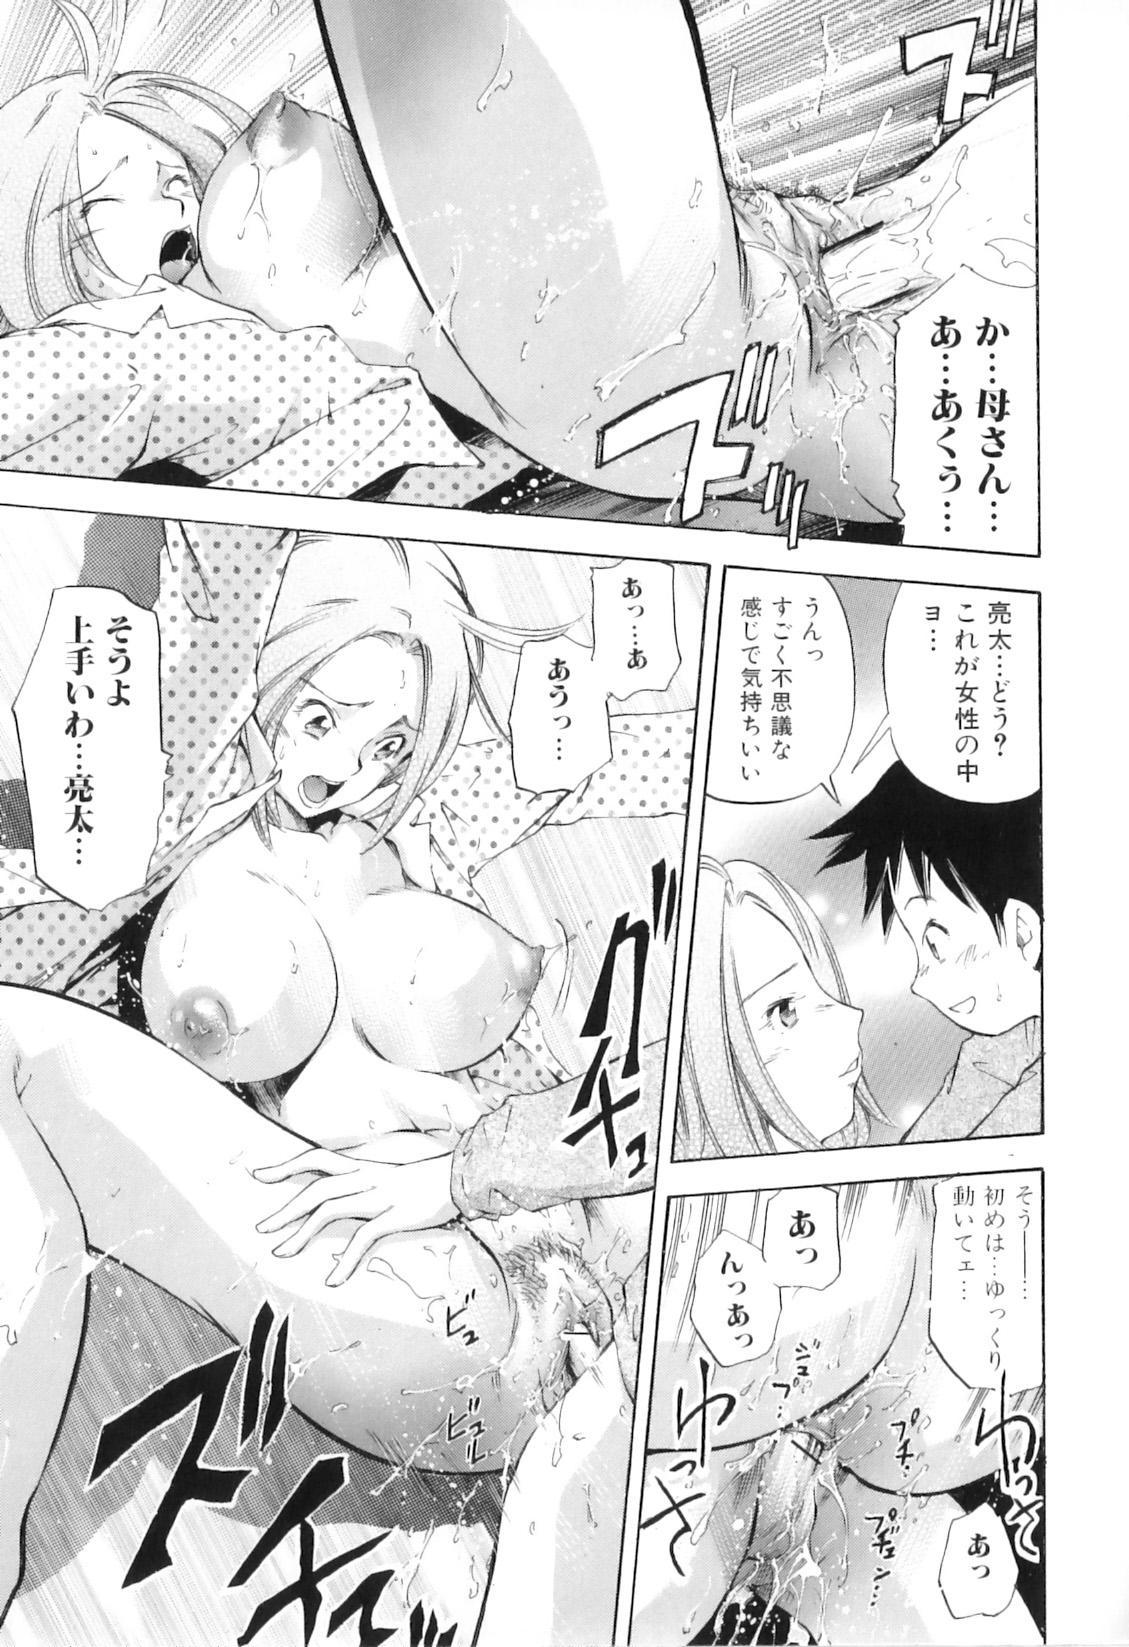 Yokujou Boshi - Desire Mother and Child 94